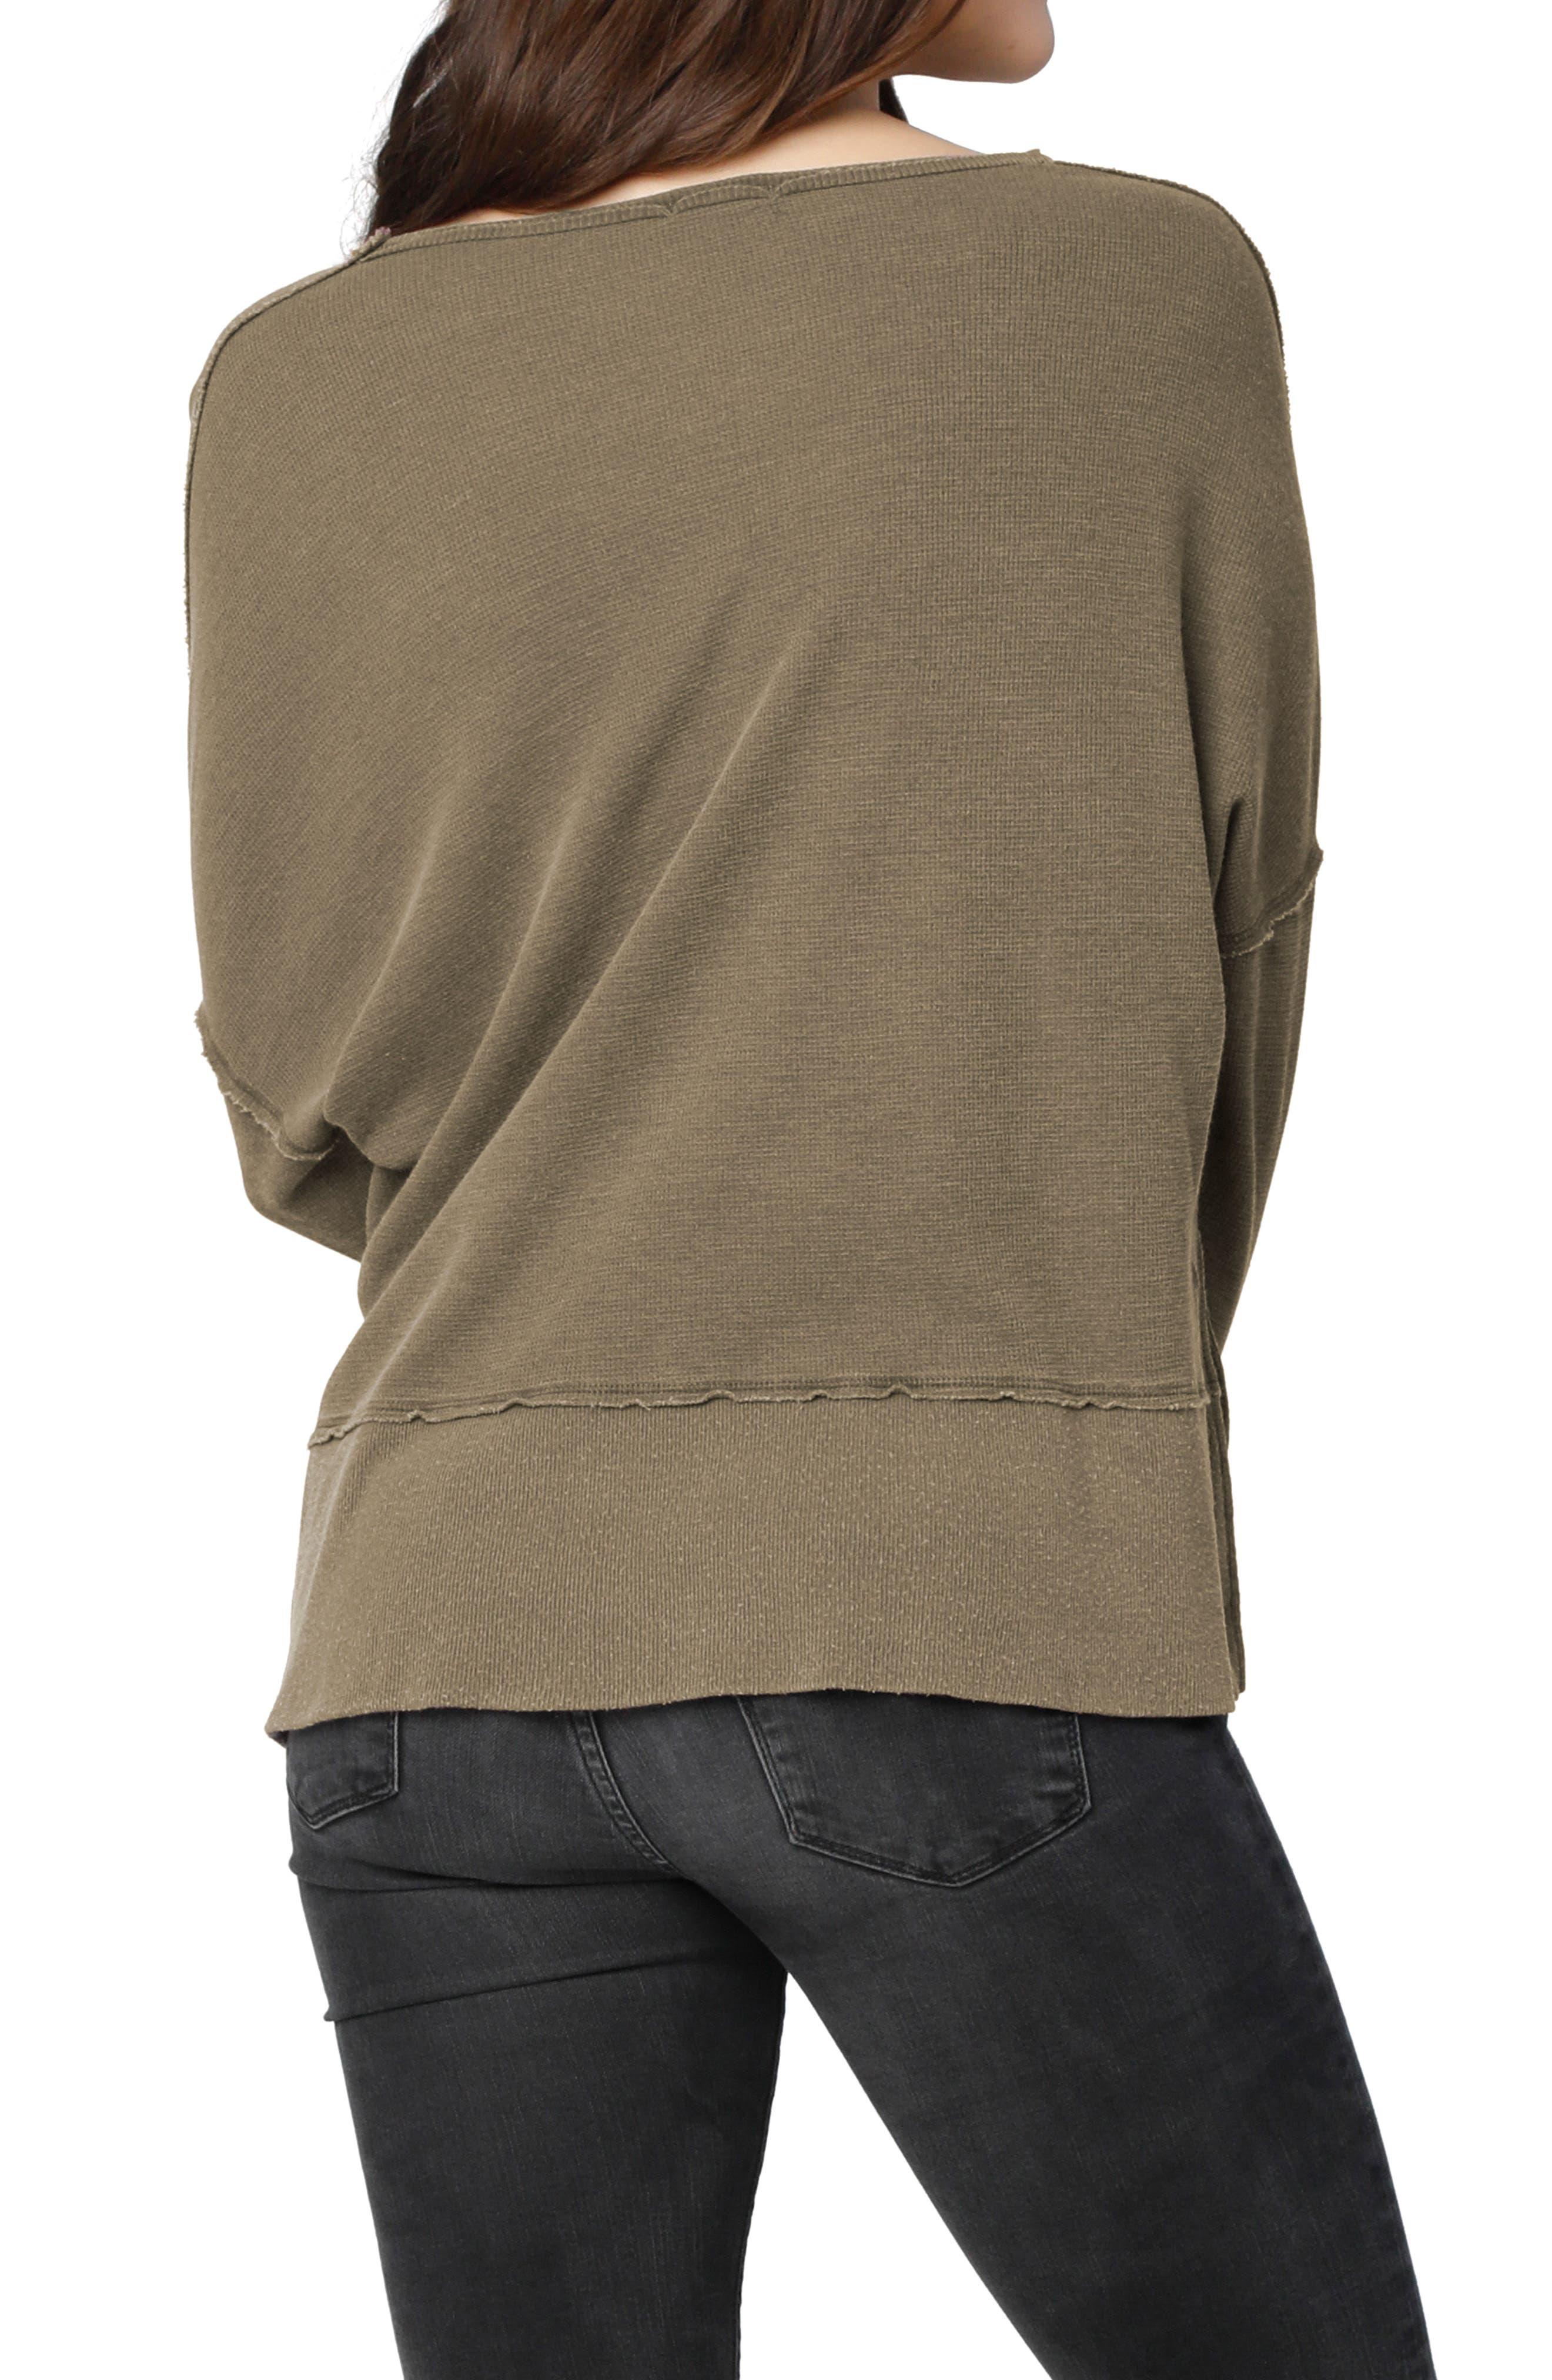 Alternate Image 2  - LAmade Lori Drop Shoulder Top